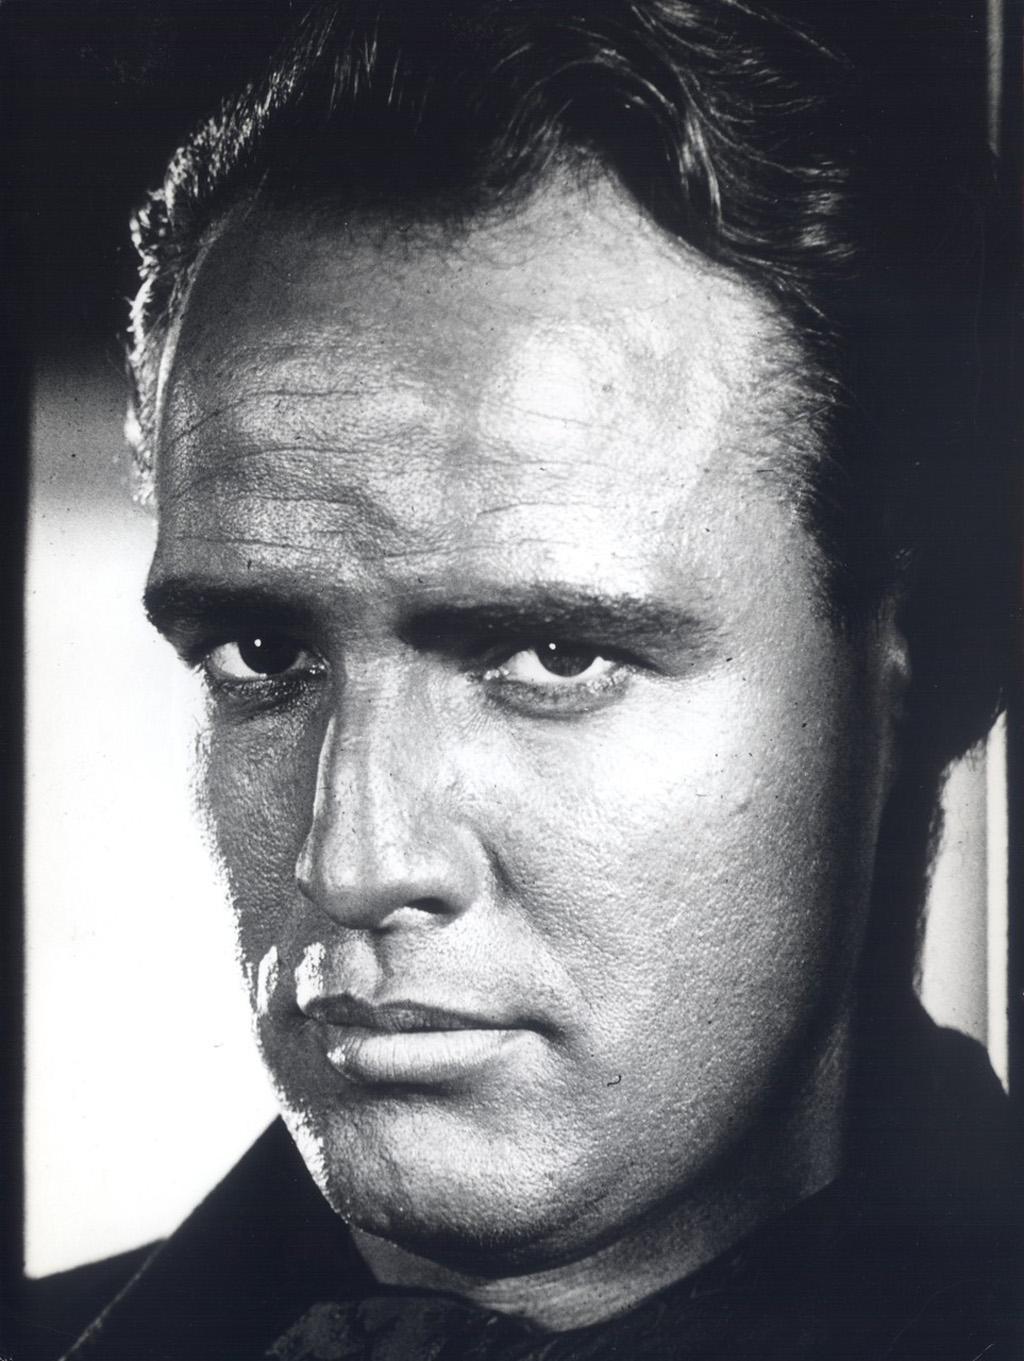 Leben und Filmkarriere Jugend und Schulzeit Marlon Brando wurde 1924 im amerikanischen Mittleren Westen in Omaha Nebraska als jüngstes von drei Geschwistern geboren